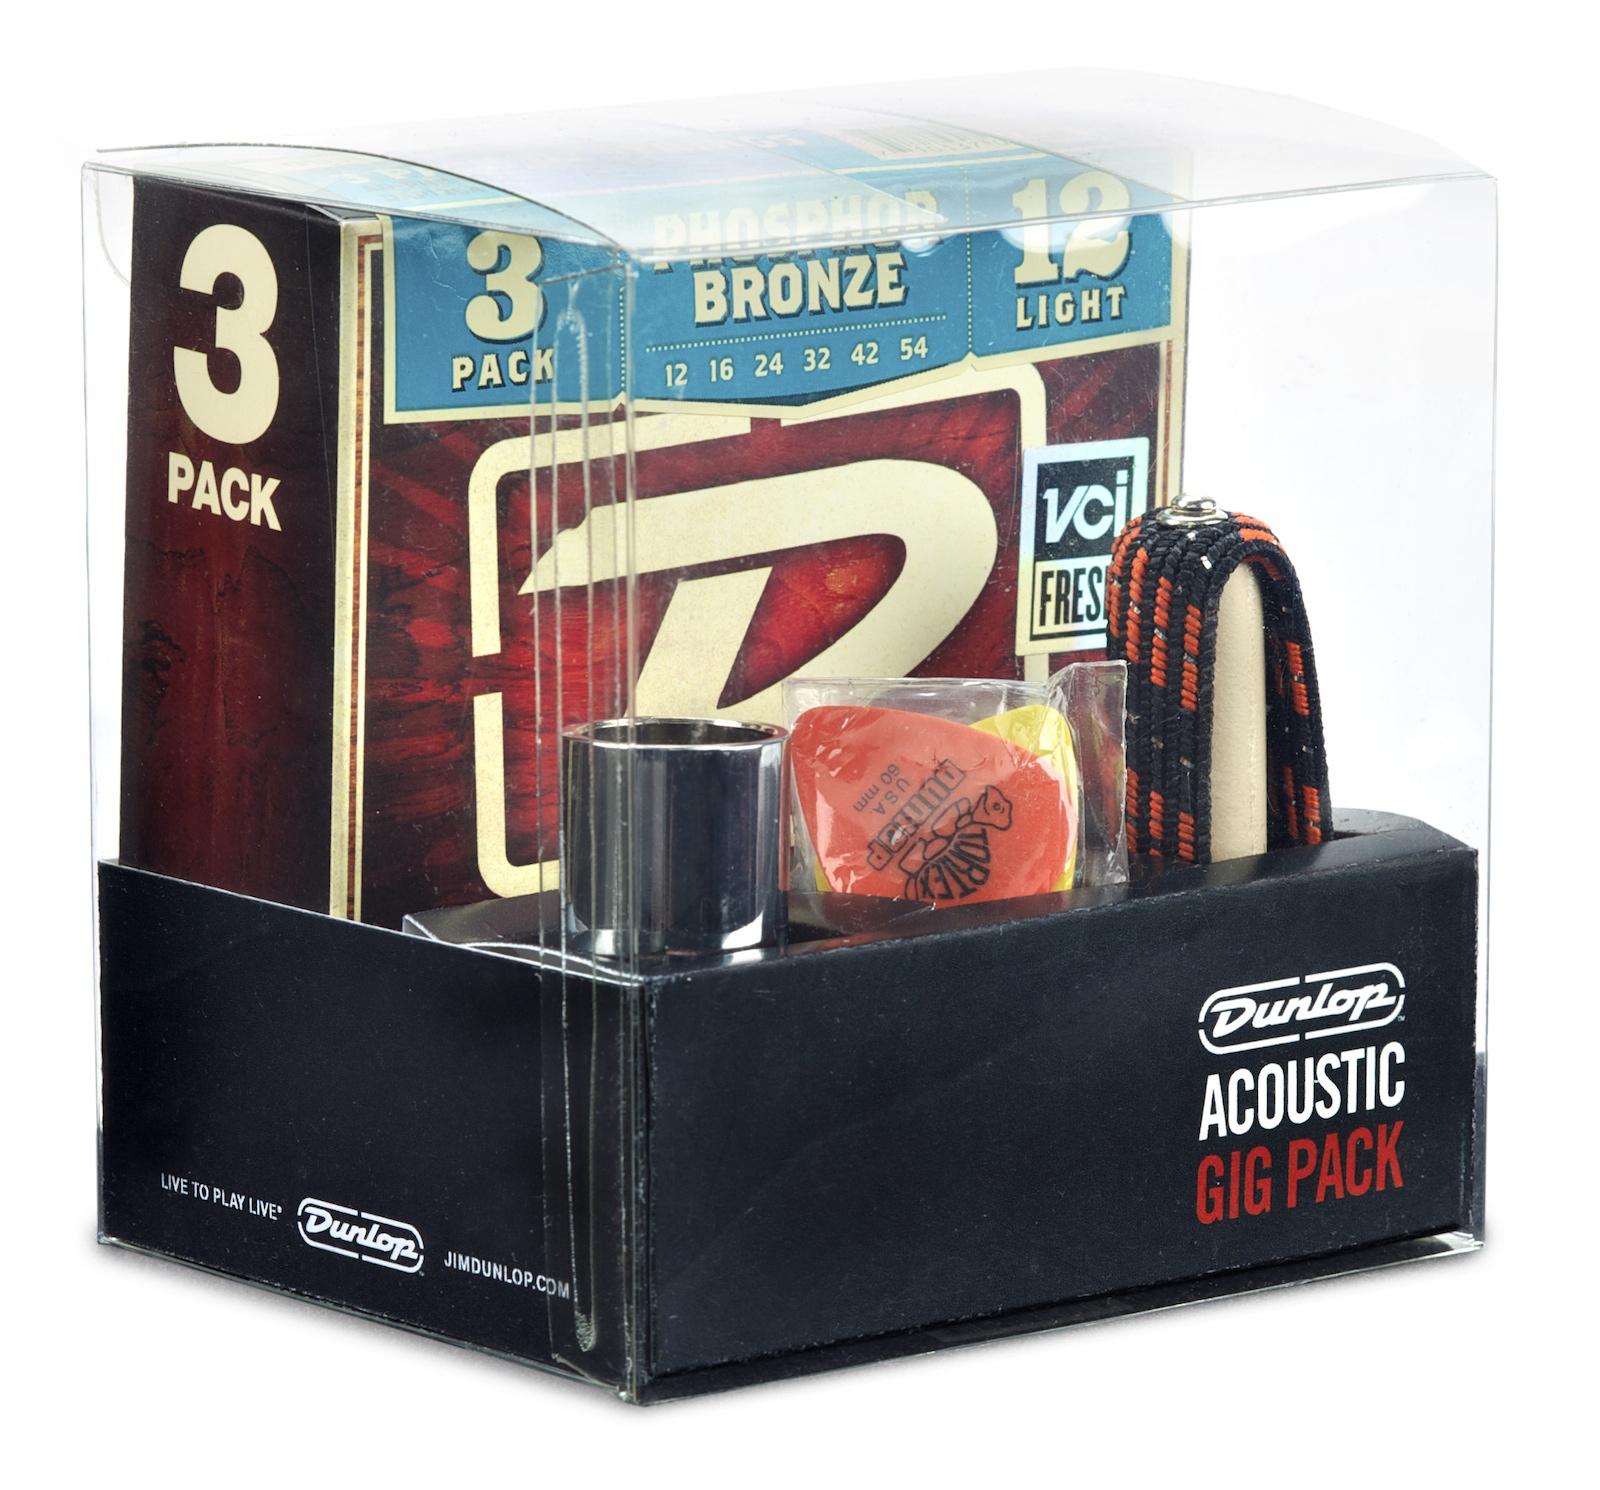 Pack d'accessoires Dunlop GA24 Gig Pack pour guitare acoustique (3 jeux de cordes, 12 médiators, 1 capodastre, 1 bottleneck)